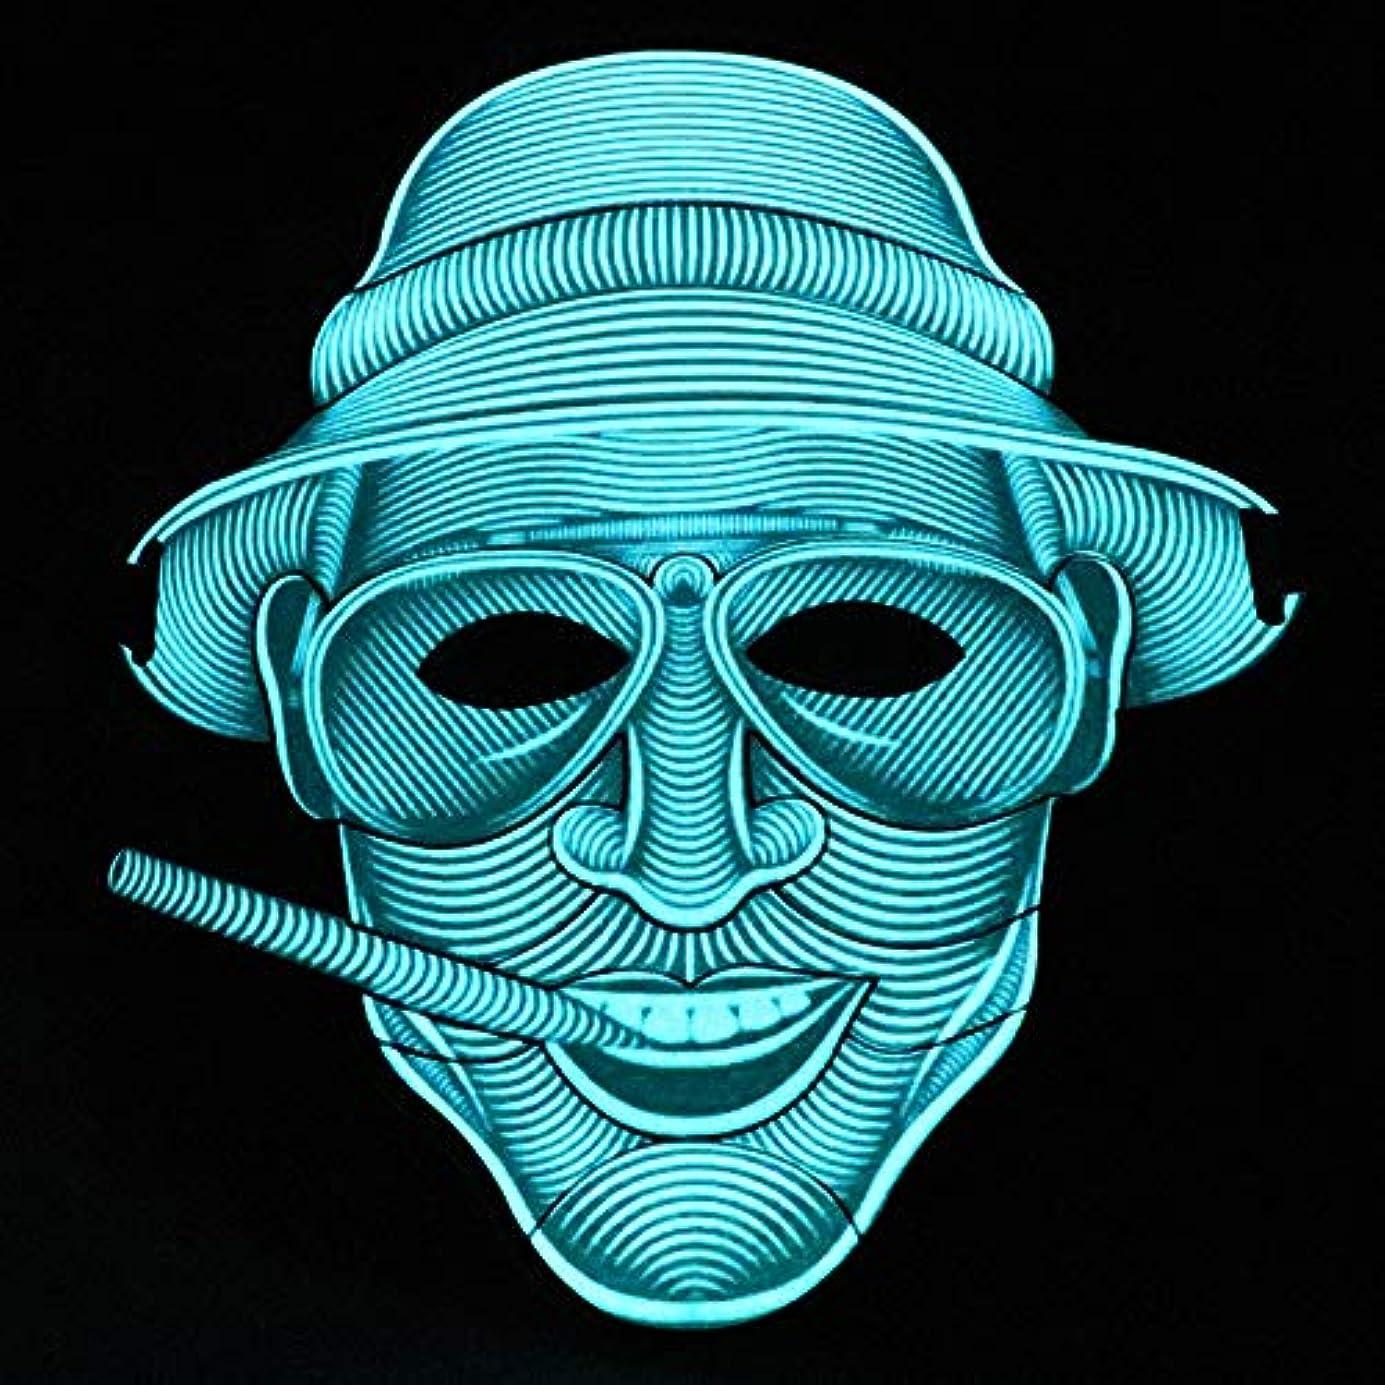 怠惰起きるはちみつ照らされたマスクLED創造的な冷光音響制御マスクハロウィンバーフェスティバルダンスマスク (Color : #4)